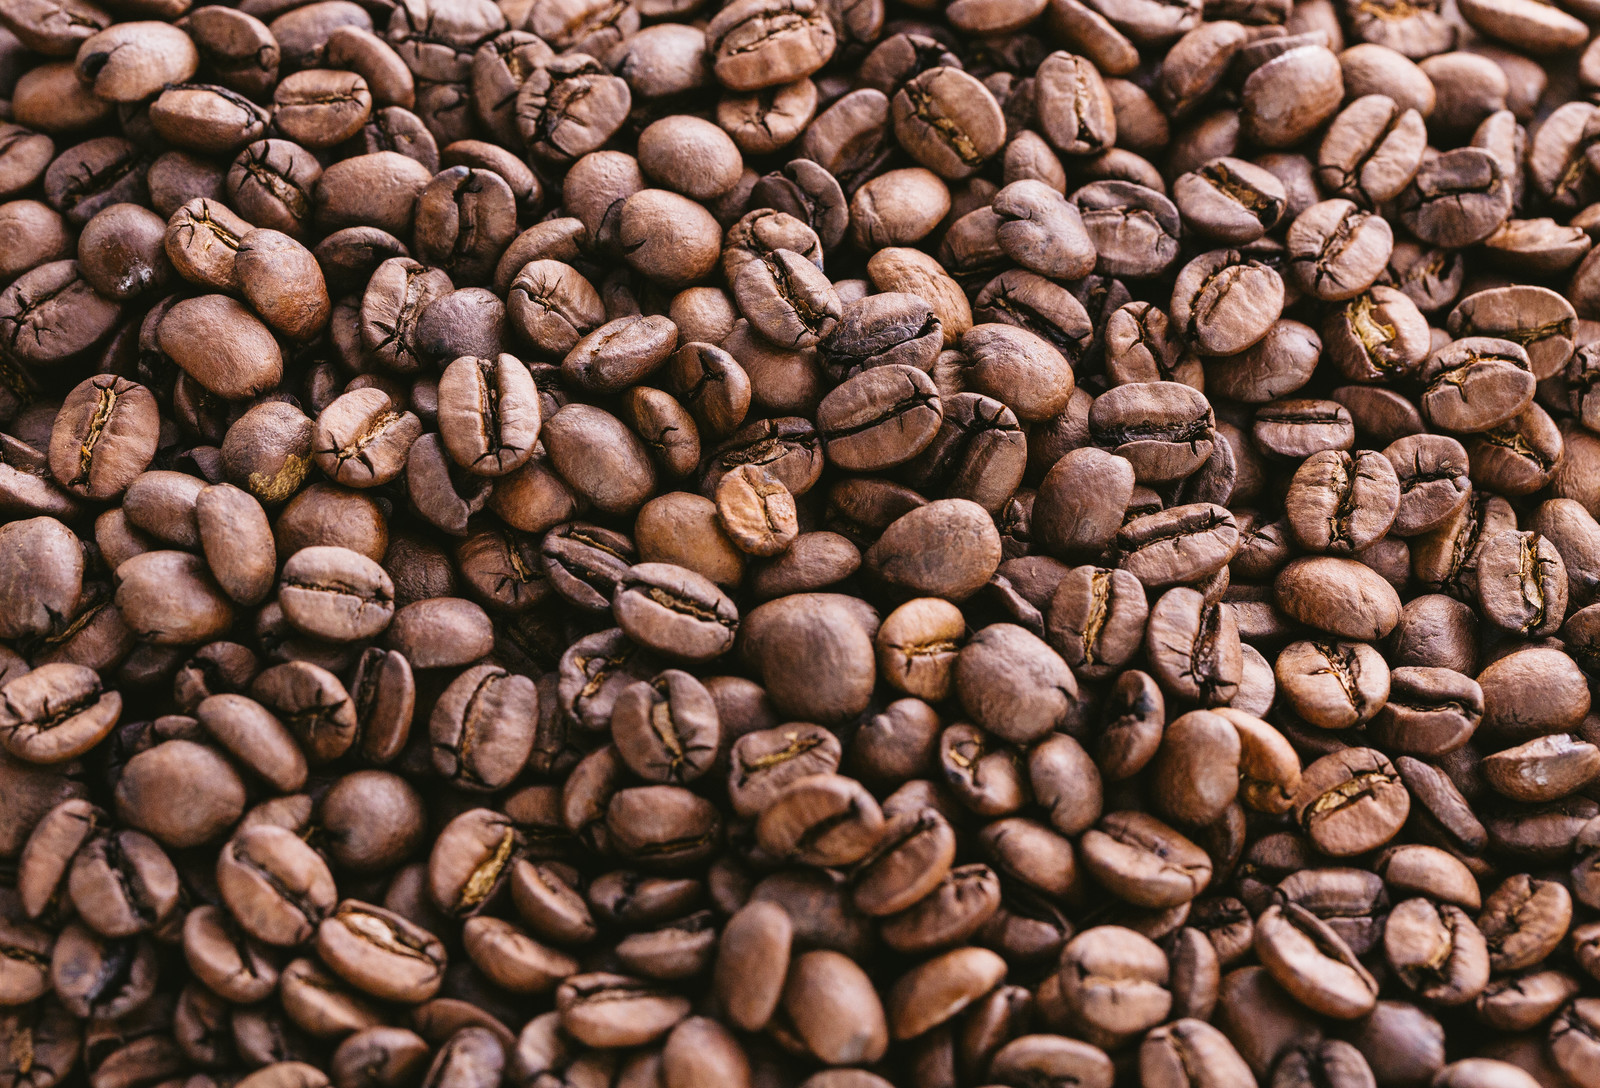 「敷き詰めたコーヒー豆敷き詰めたコーヒー豆」のフリー写真素材を拡大